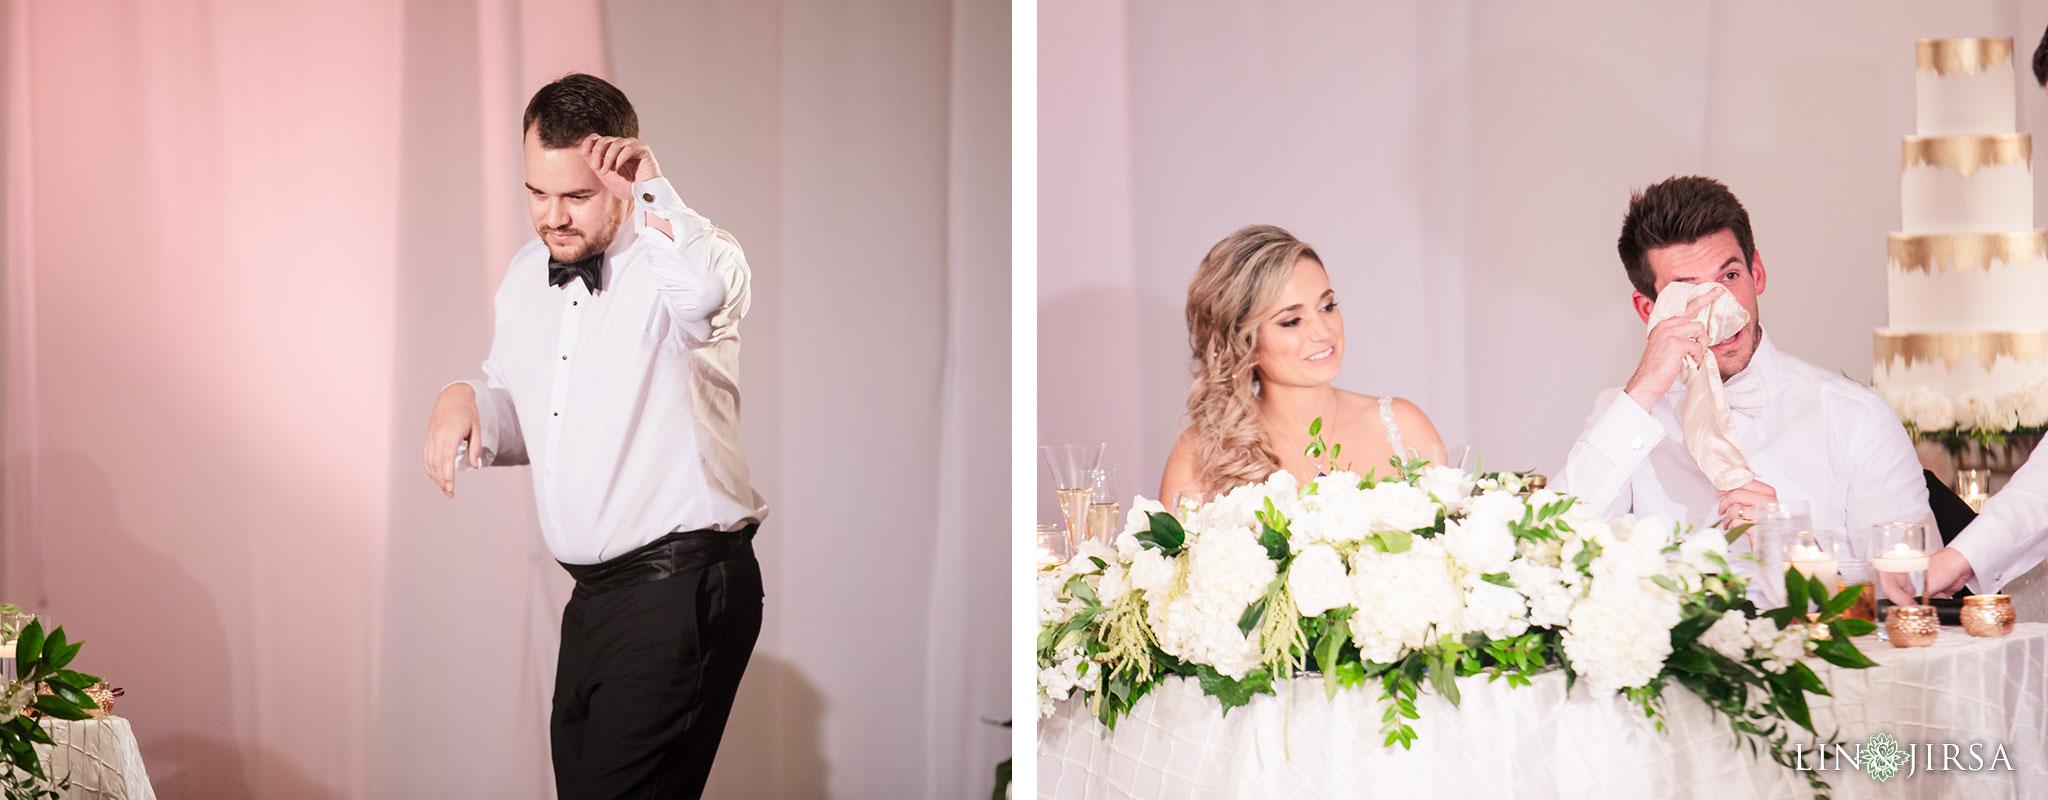 42 balboa bay wedding newport photography